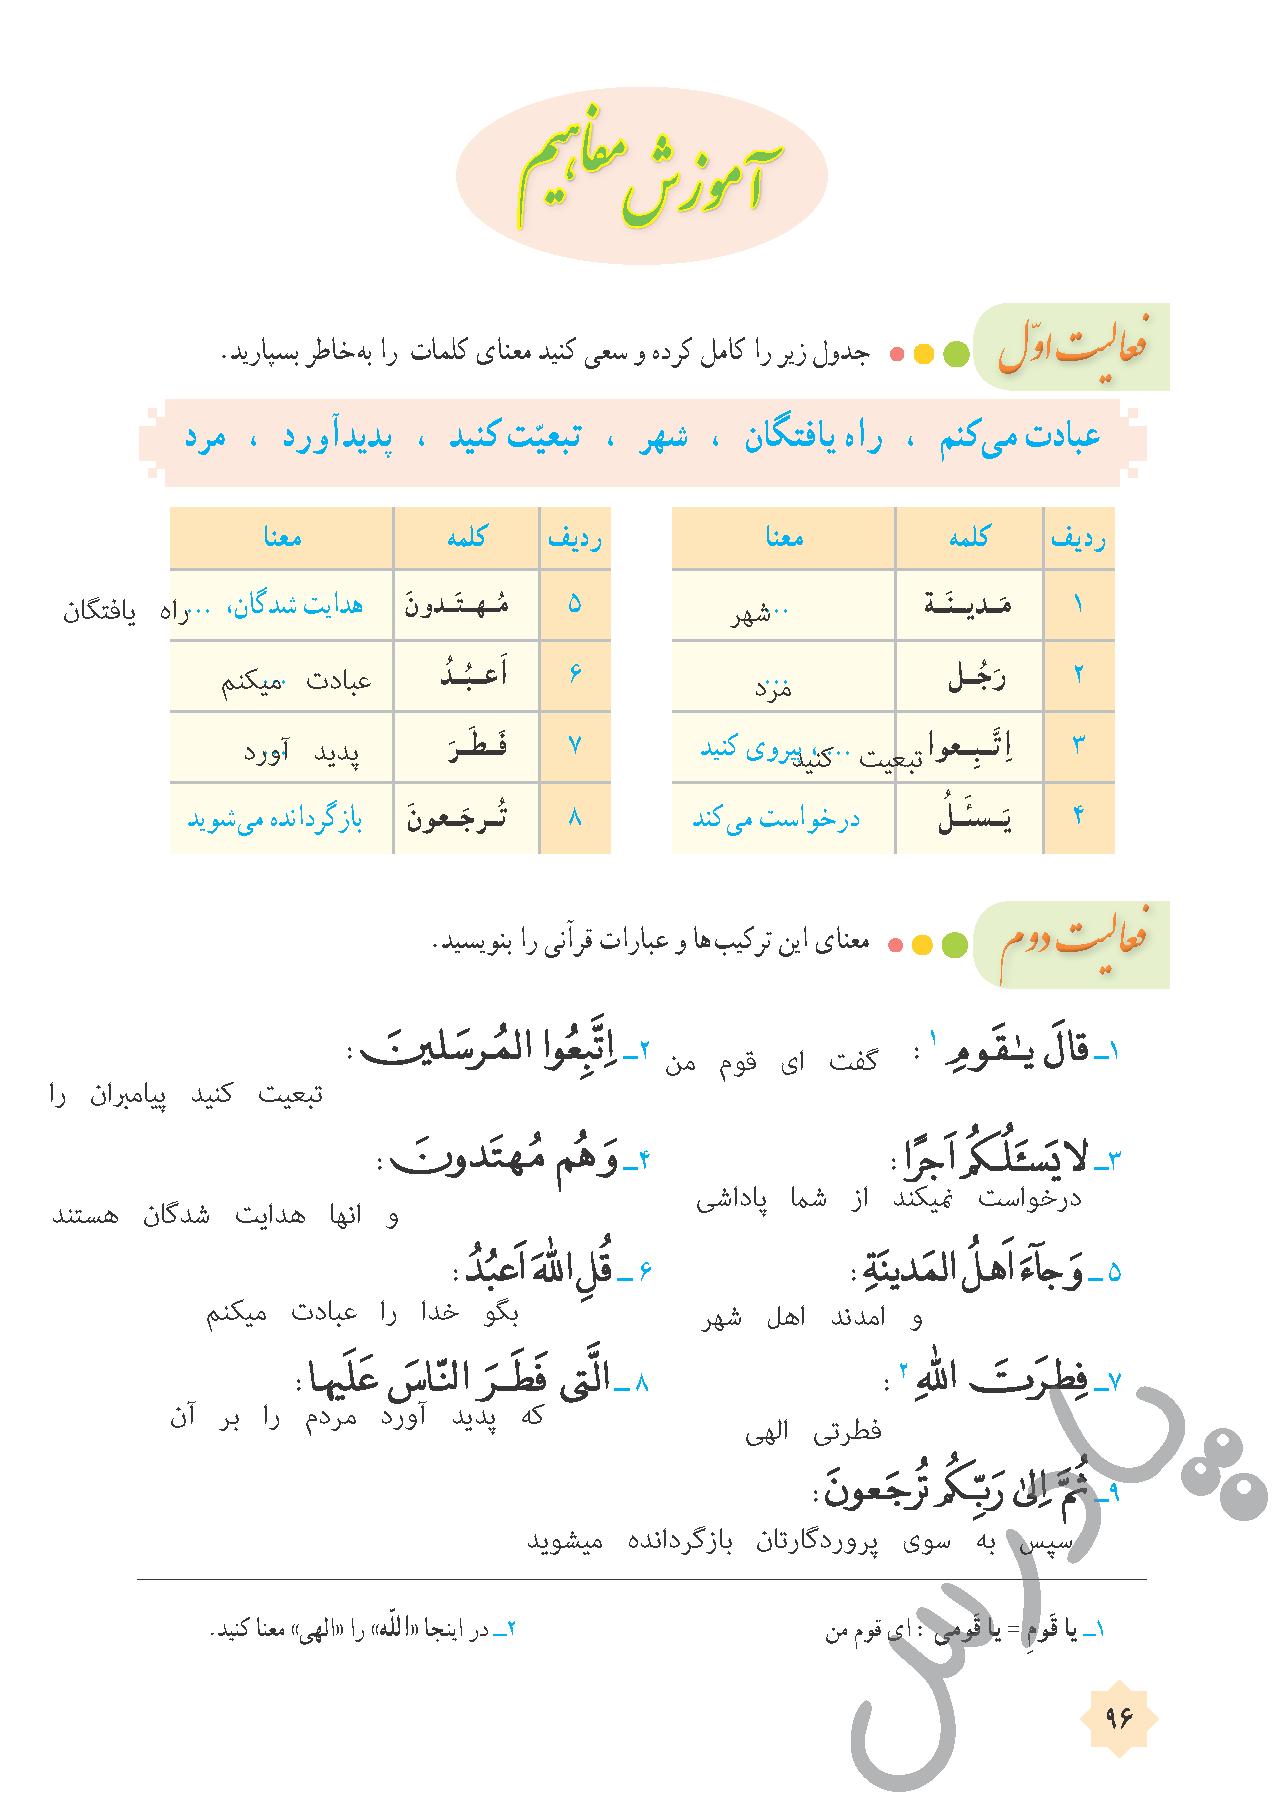 تحميل ملخص تفاضل وتكامل للجامعات Pdf أ إسماعيل الأسطل Math Books Math Differentiation And Integration